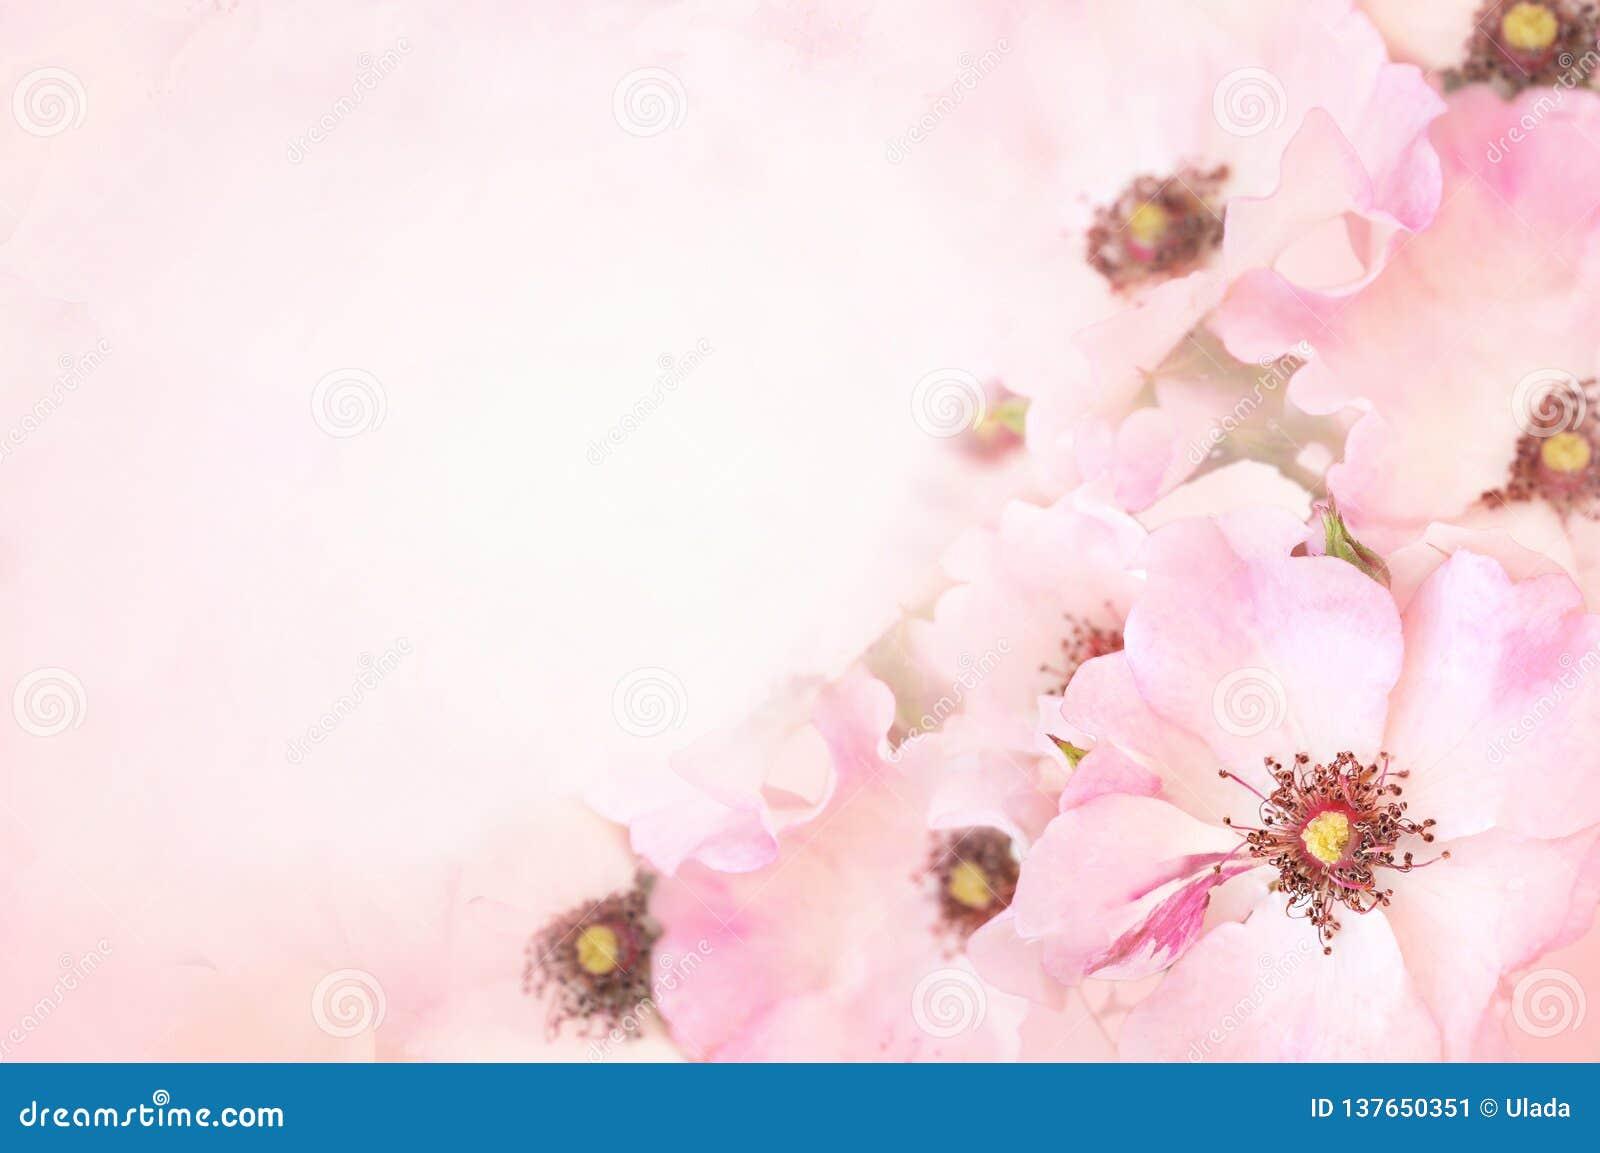 Vårblomningen eller att blomstra för sommar steg nyponet som tonades, kortet det bakgrund för bokehblomma pastellfärgad och mjuk